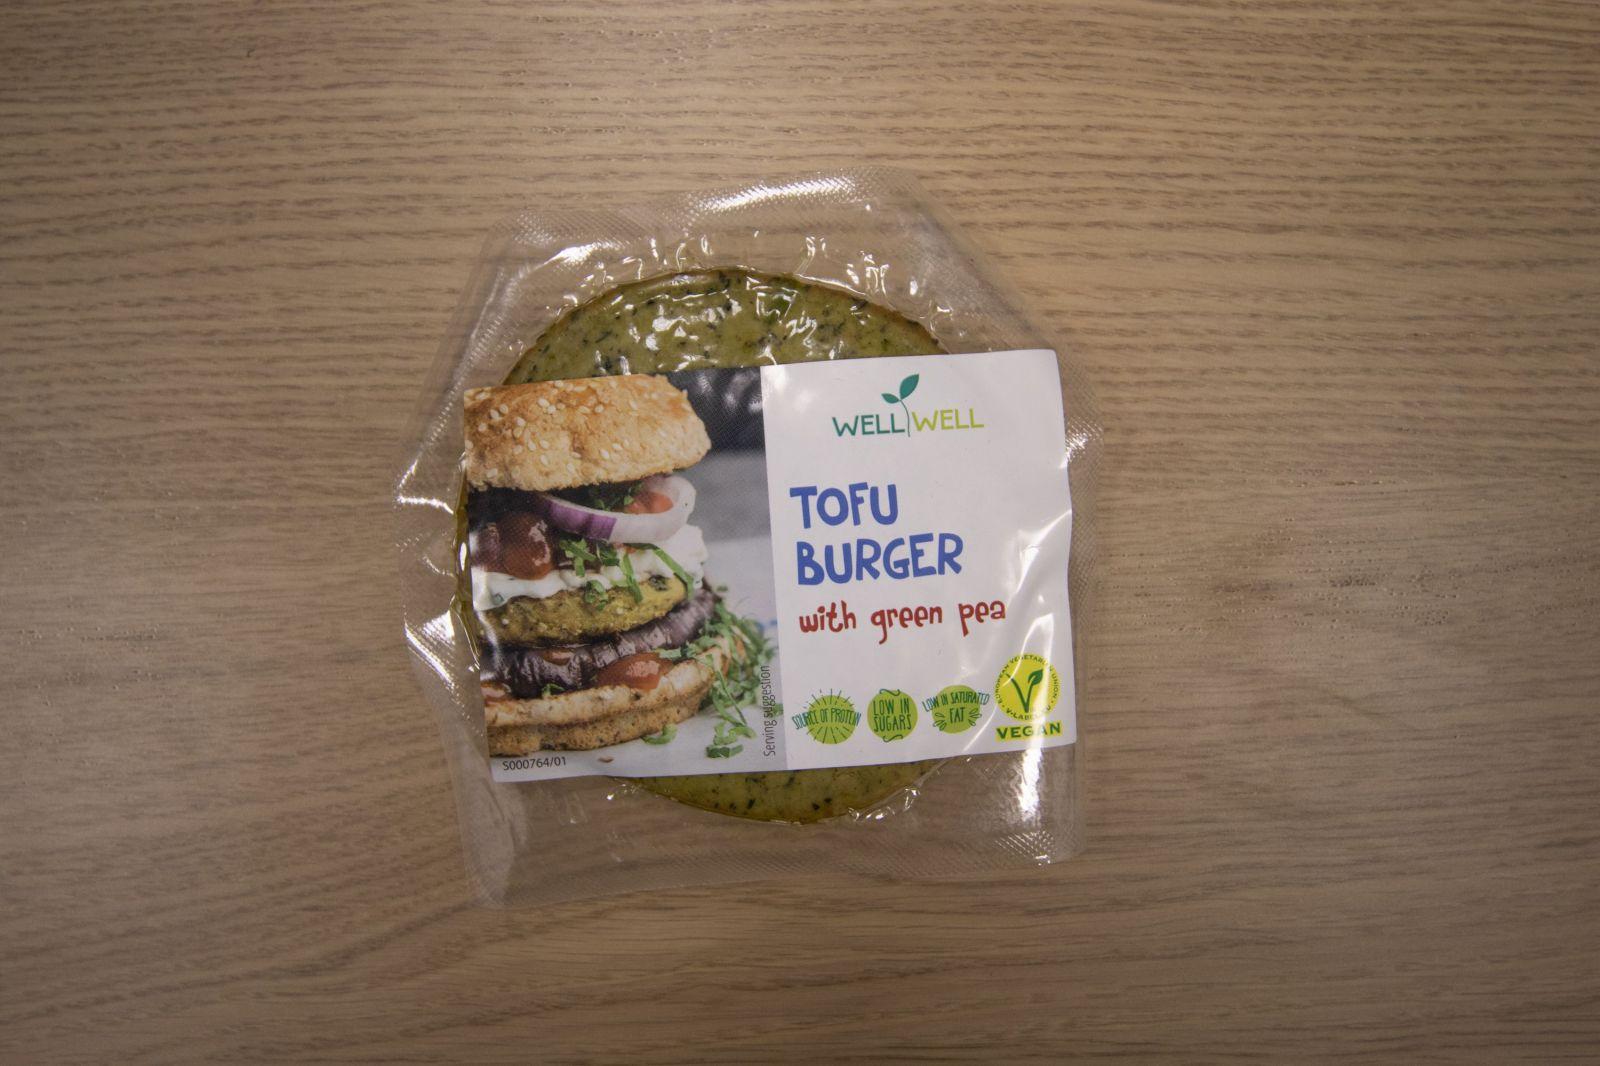 Otestovali jsme burgery s vegetariánským masem. Jedno z nich chutnalo jak opravdové hovězí